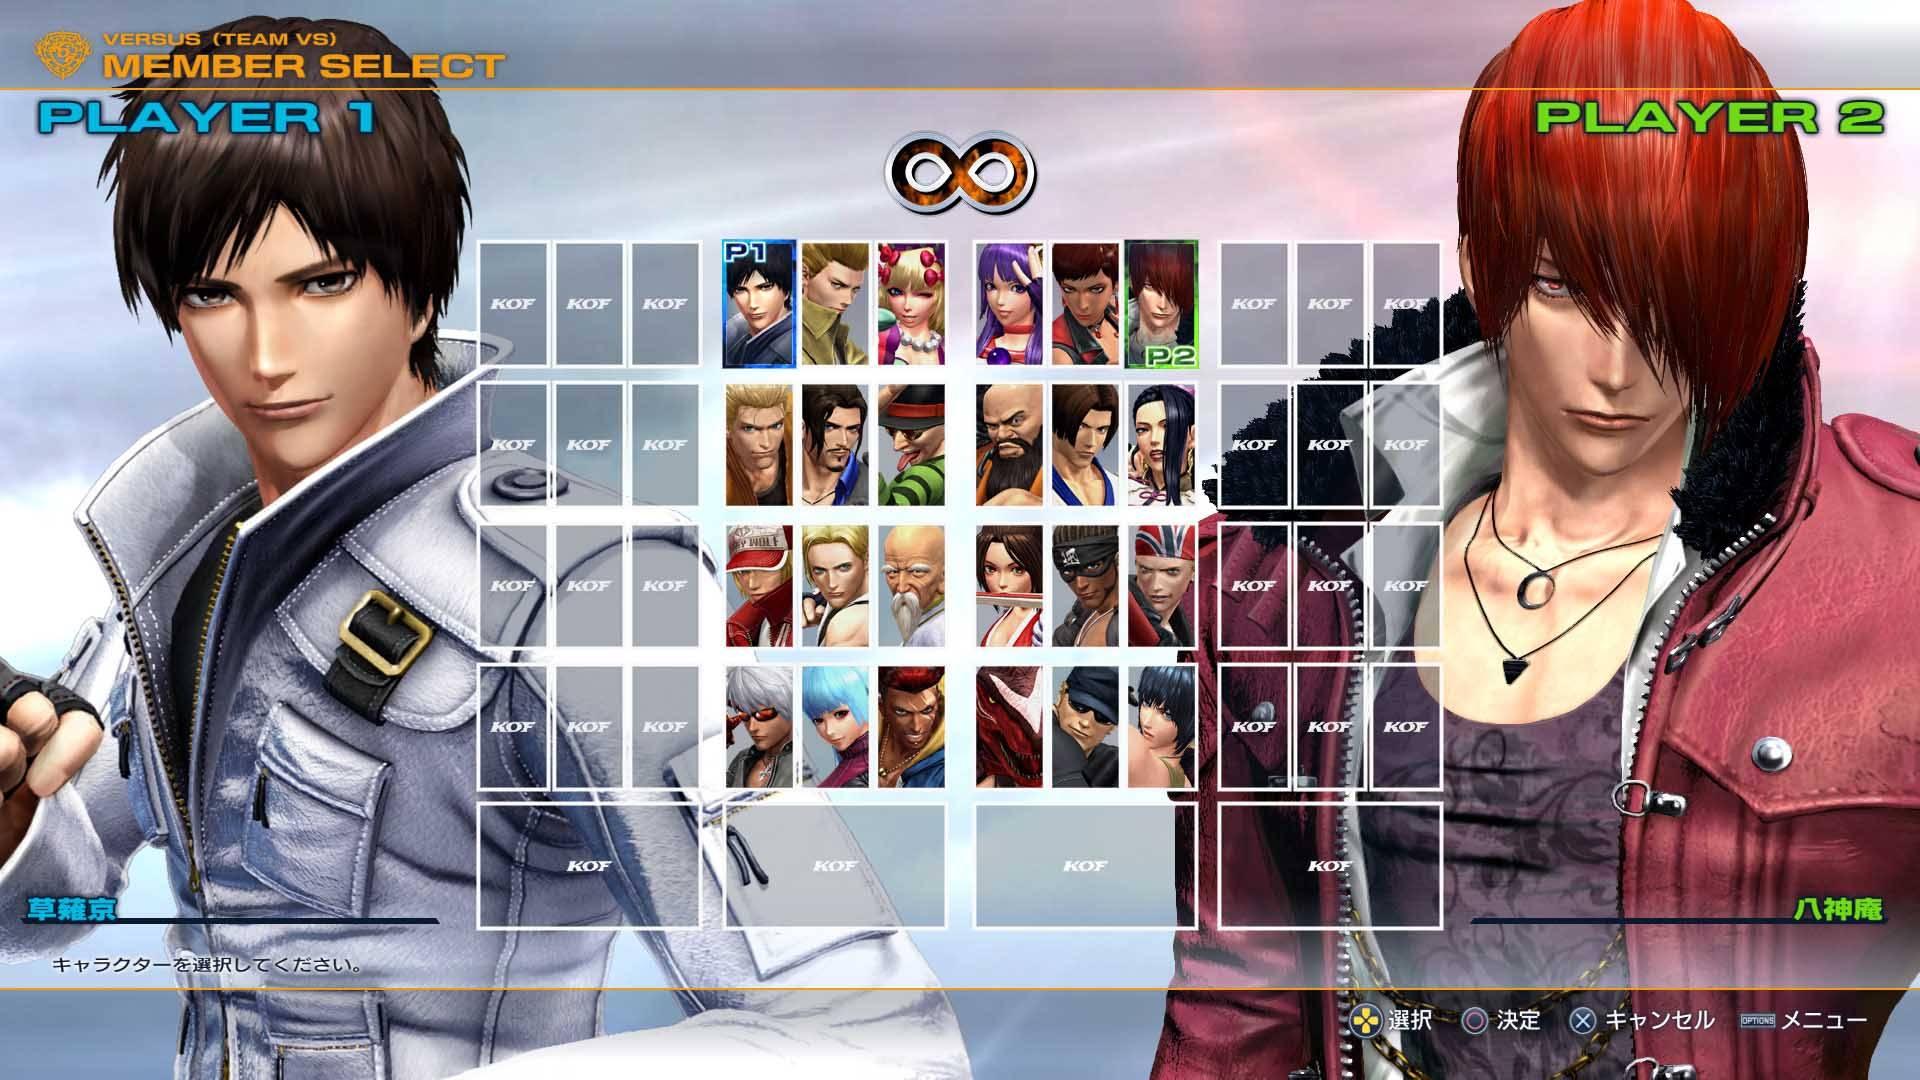 九死一生的日本游戏公司SNK 《拳皇》系列情怀也难以拯救